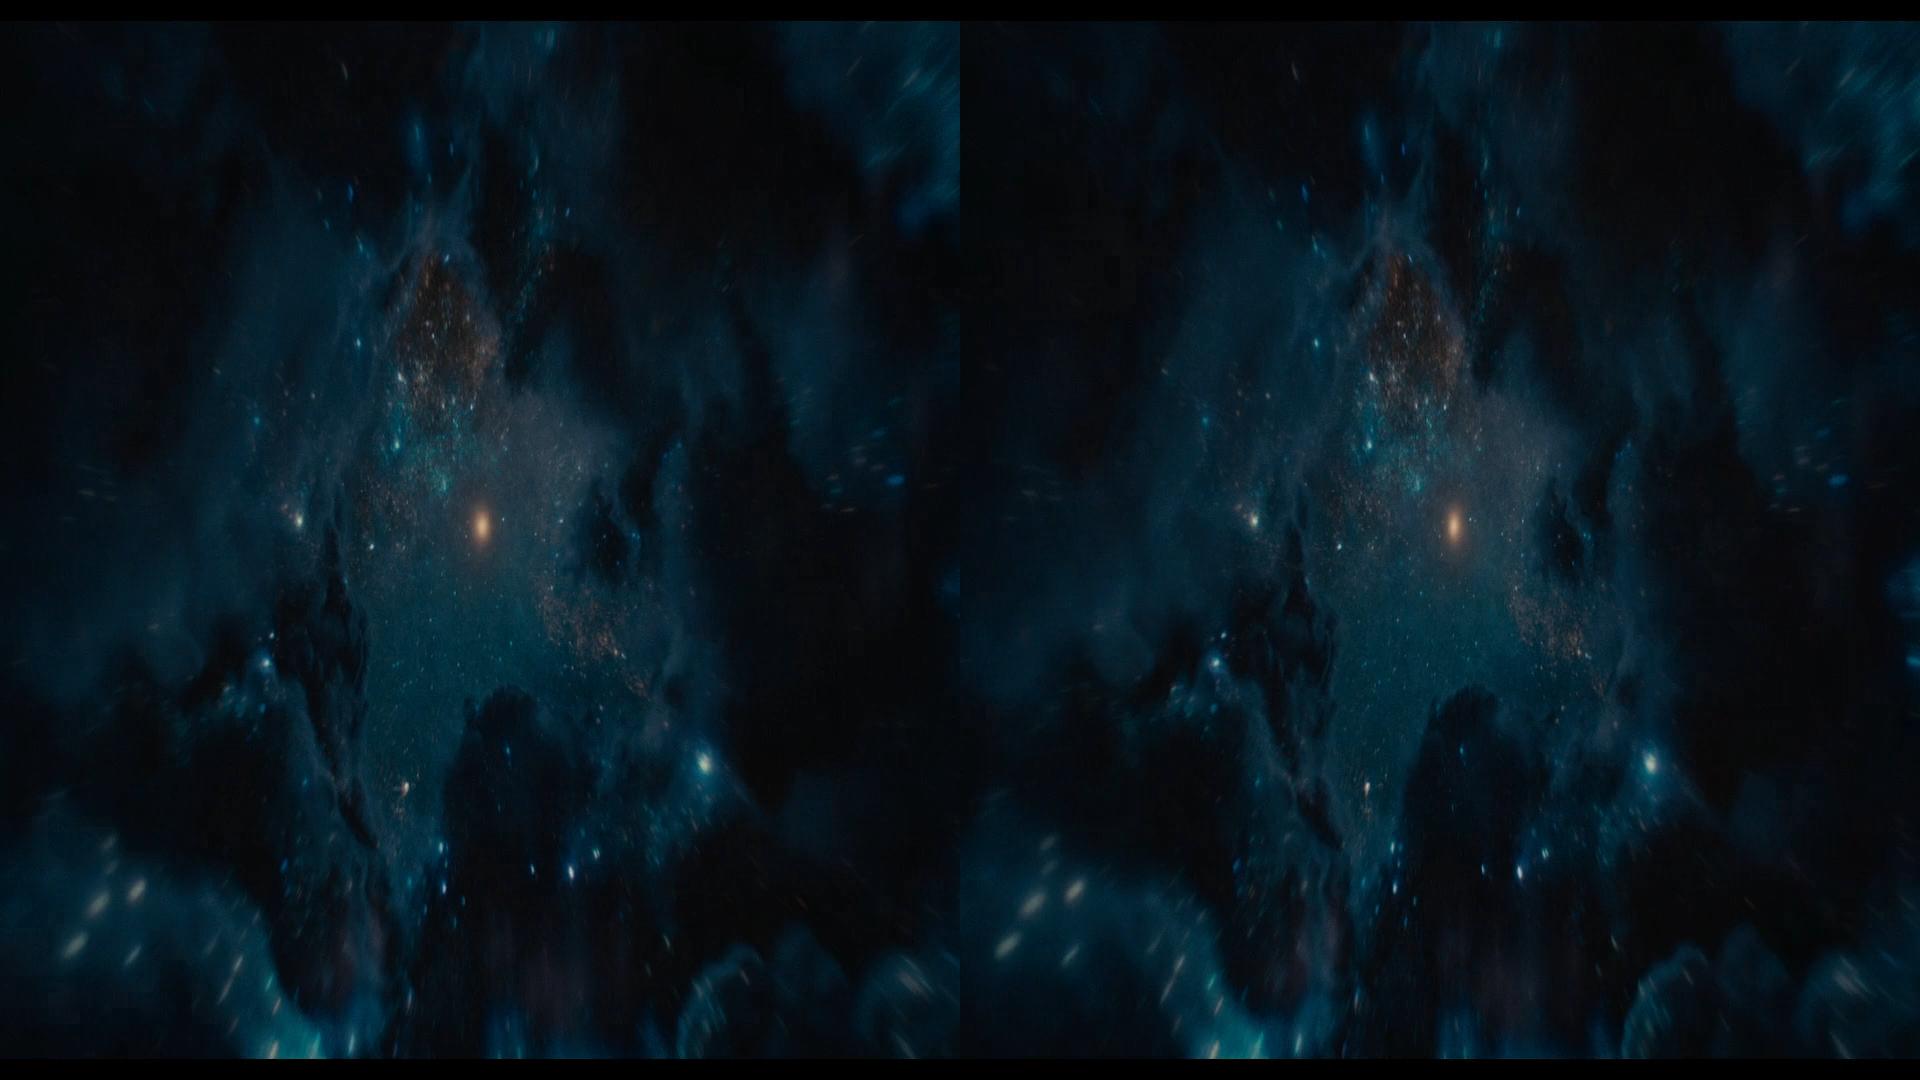 Скачать ной (2014) bdrip 480p, 720p, 1080p 3d в формате mkv через.